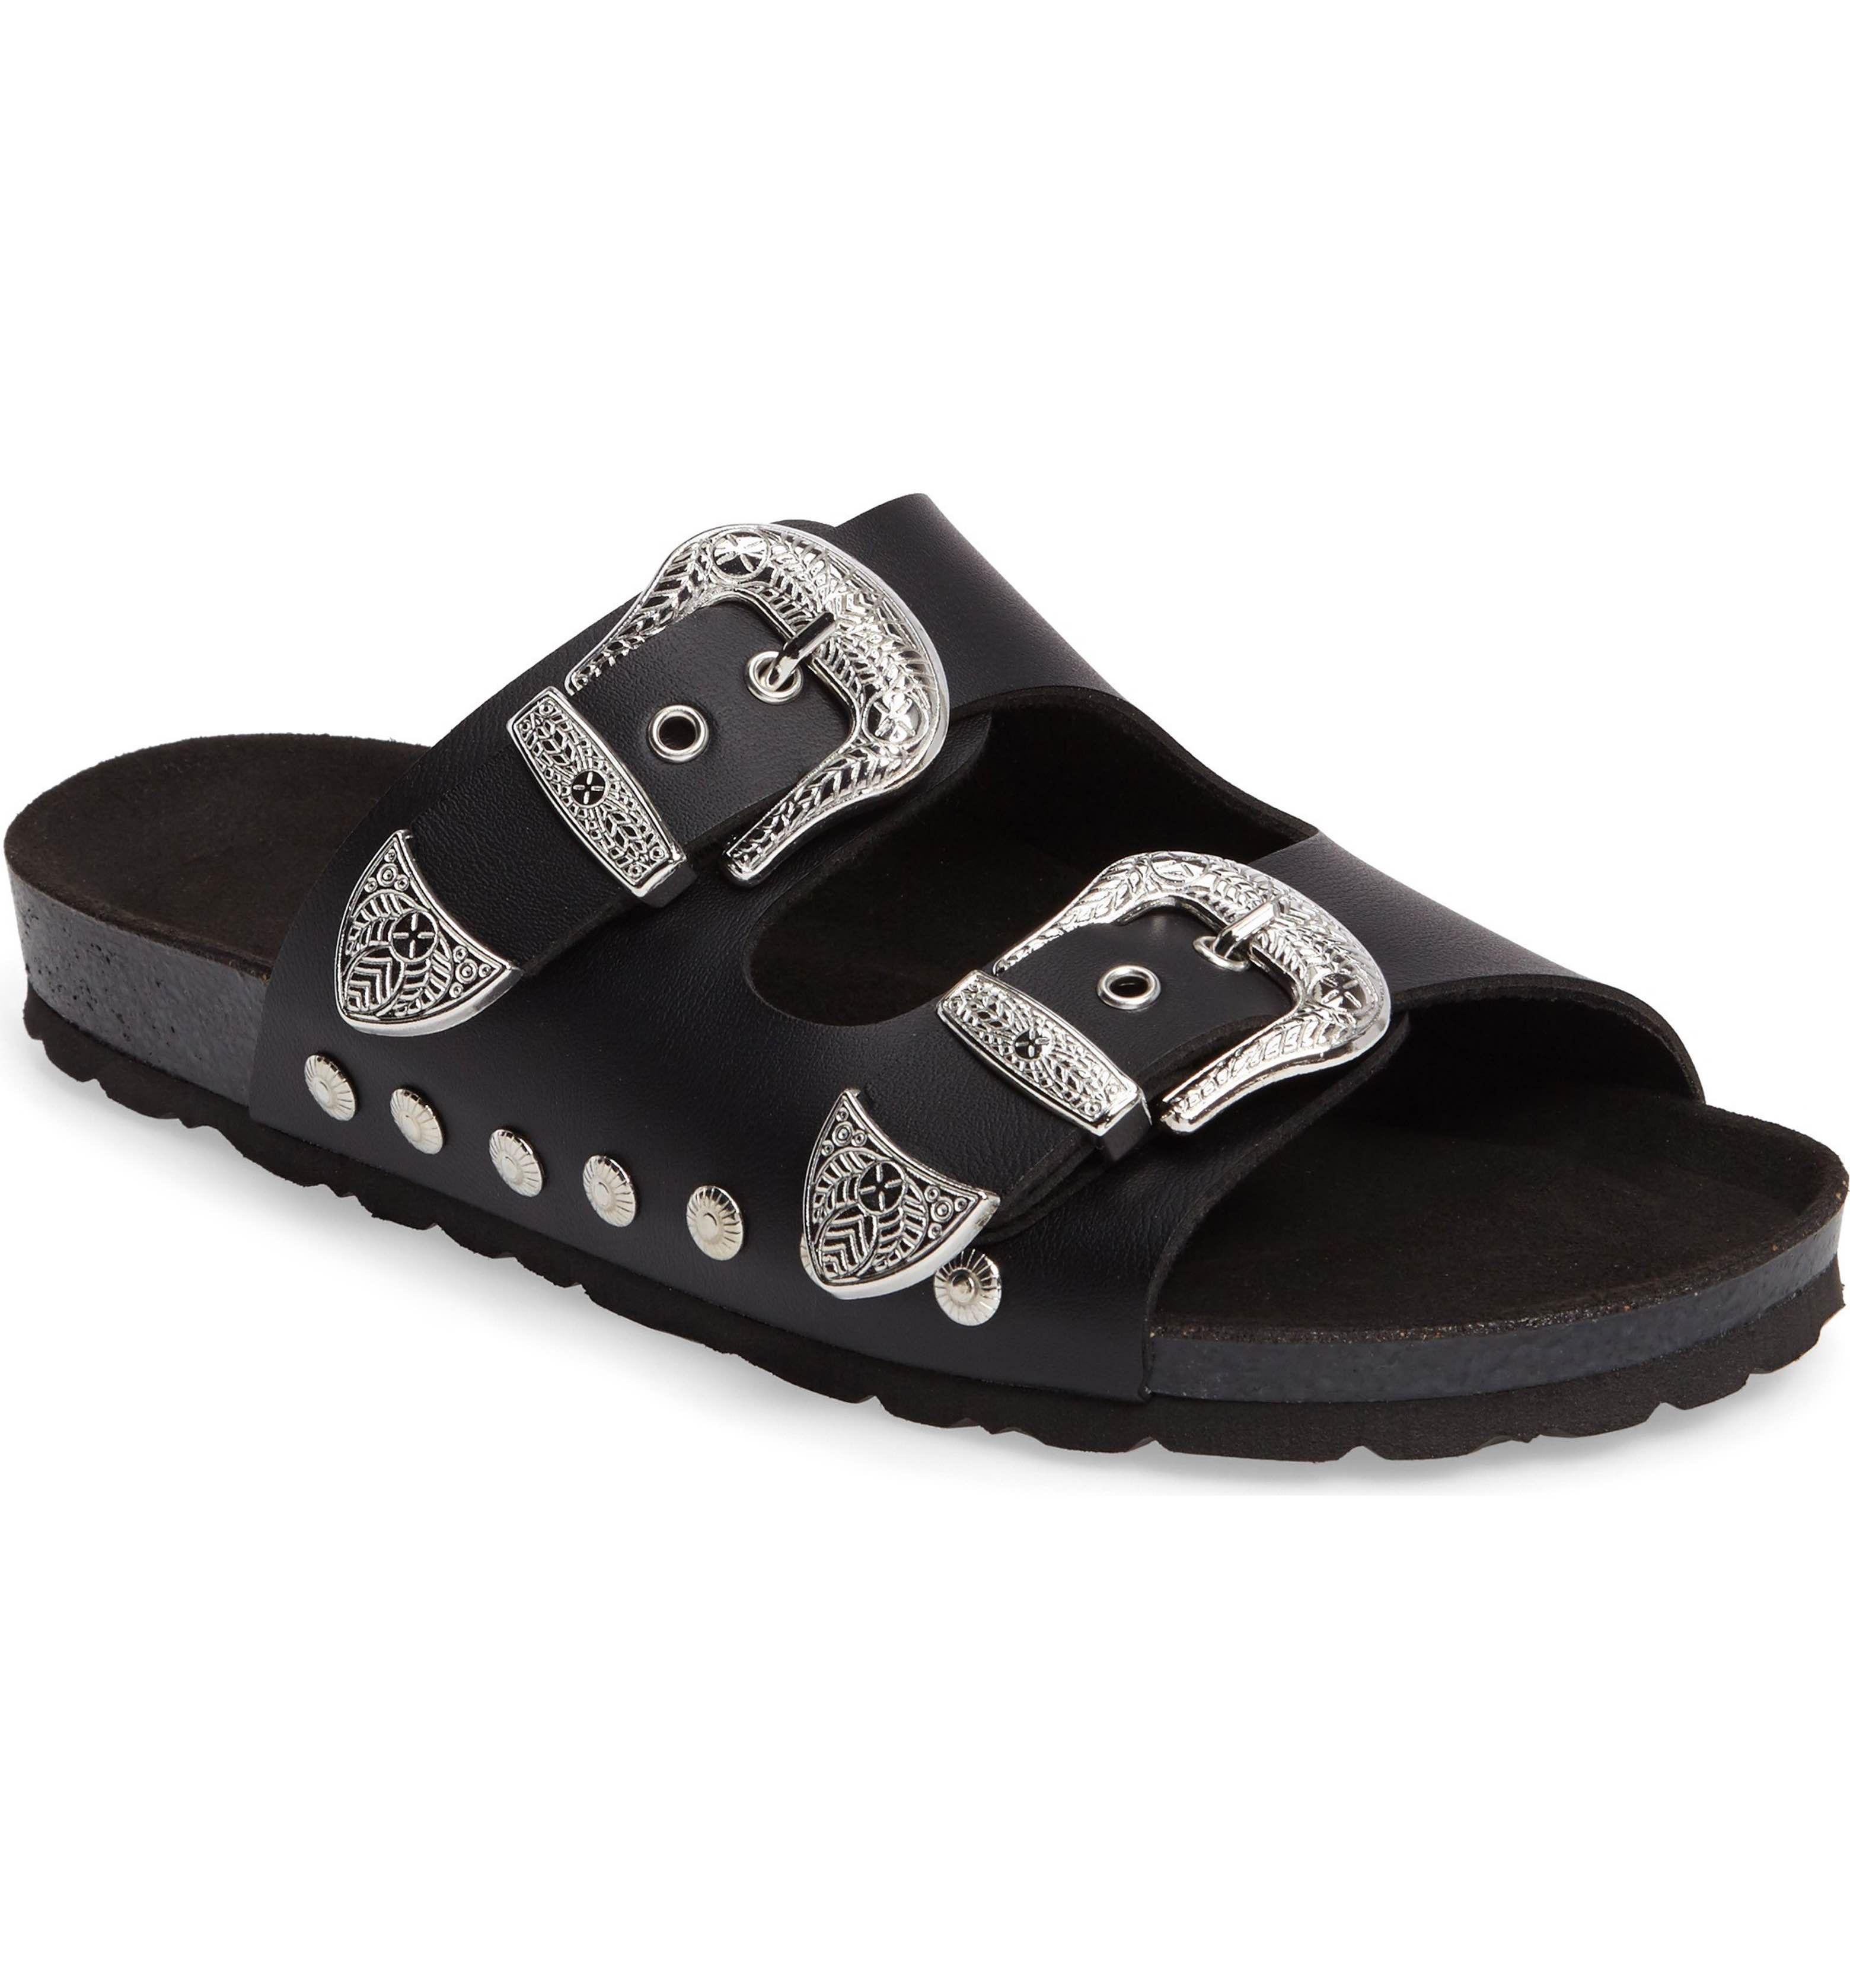 Black jelly sandals topshop - Topshop Studded Slide Sandal Women